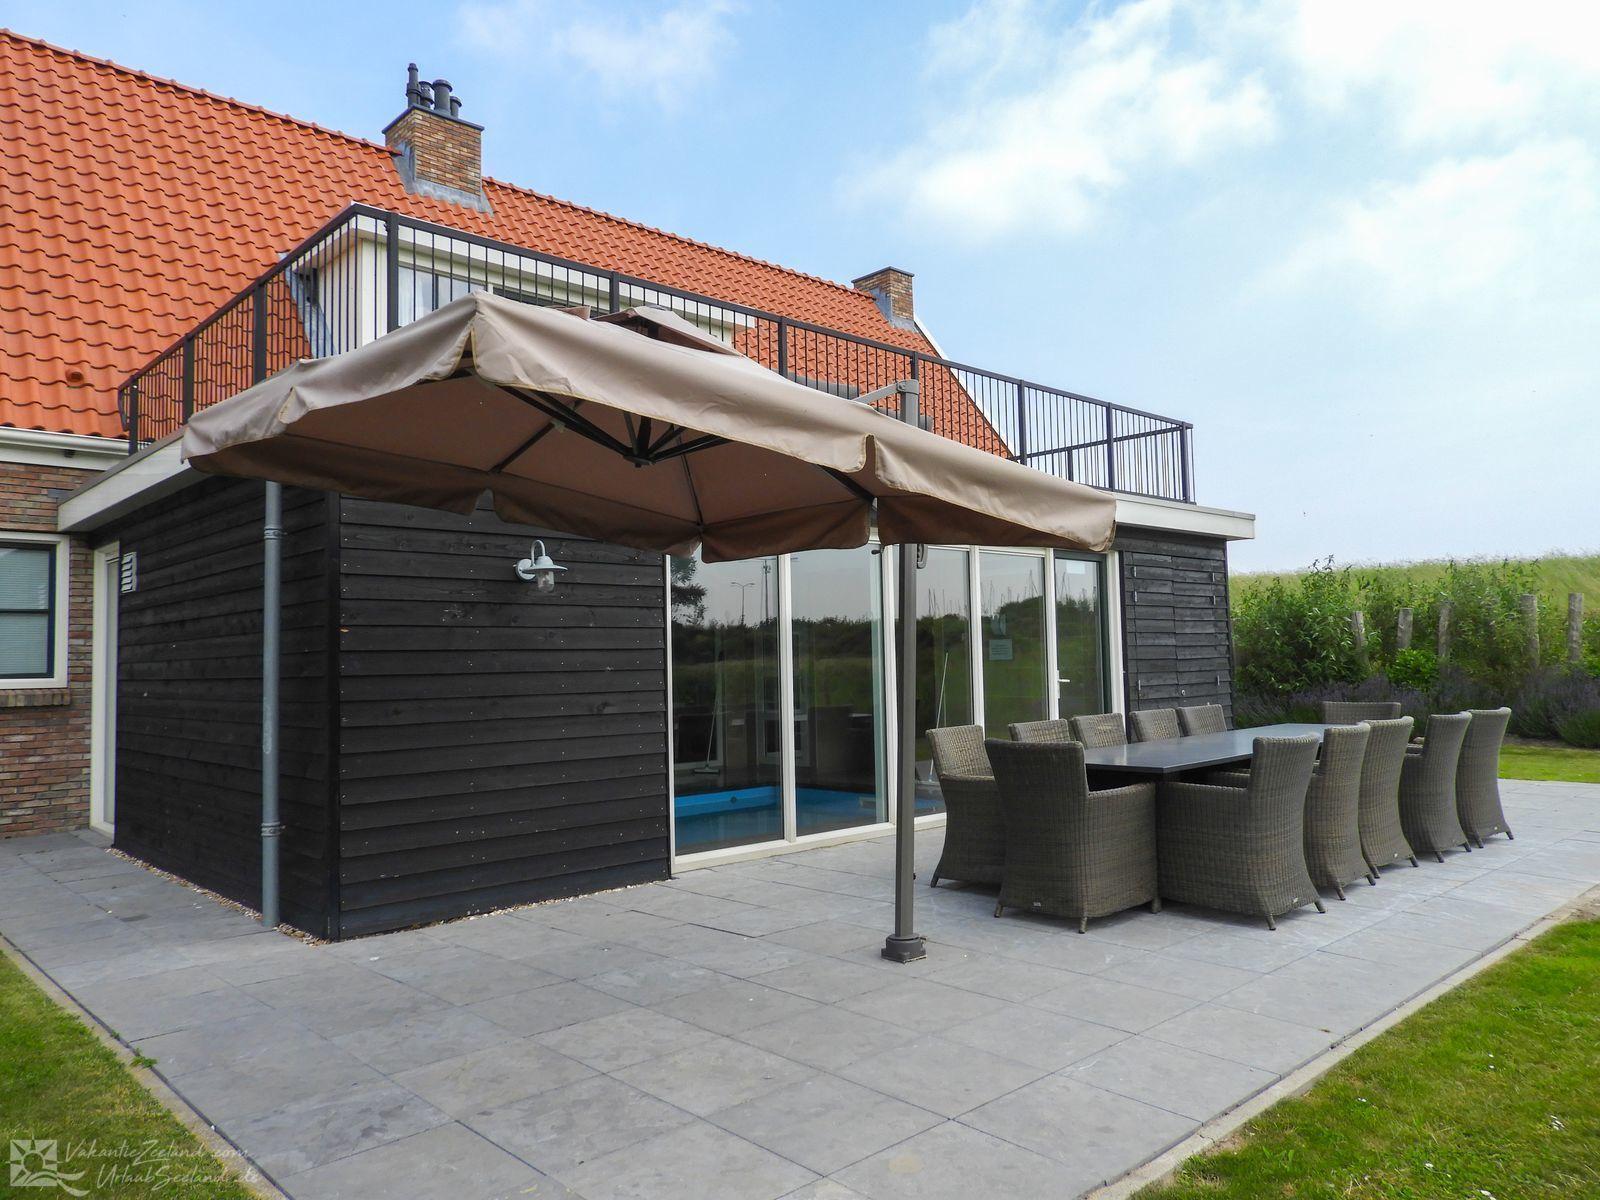 VZ151 Ferienhaus mit Pool in Colijnsplaat